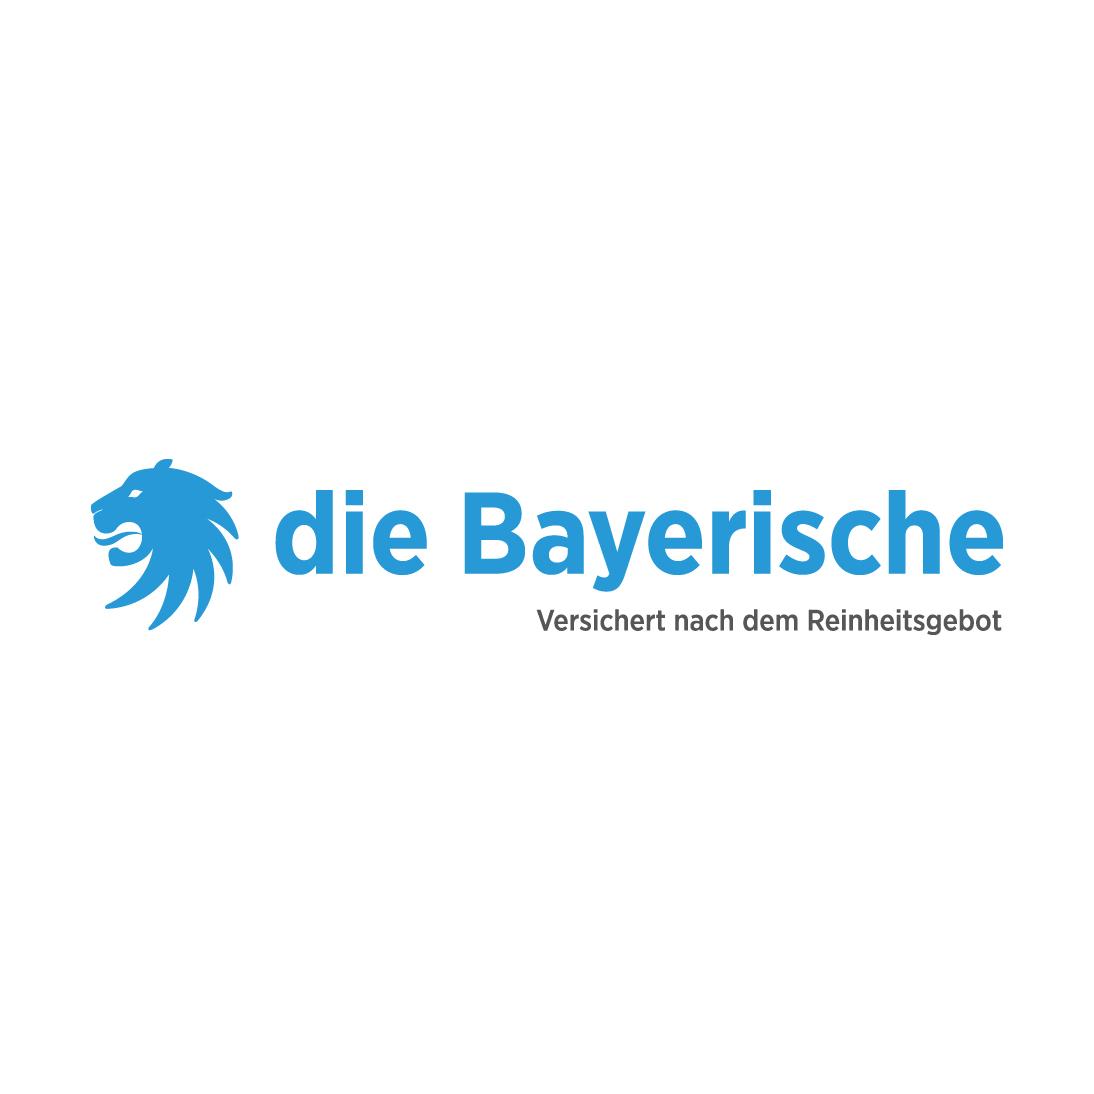 Partner: die Bayerische